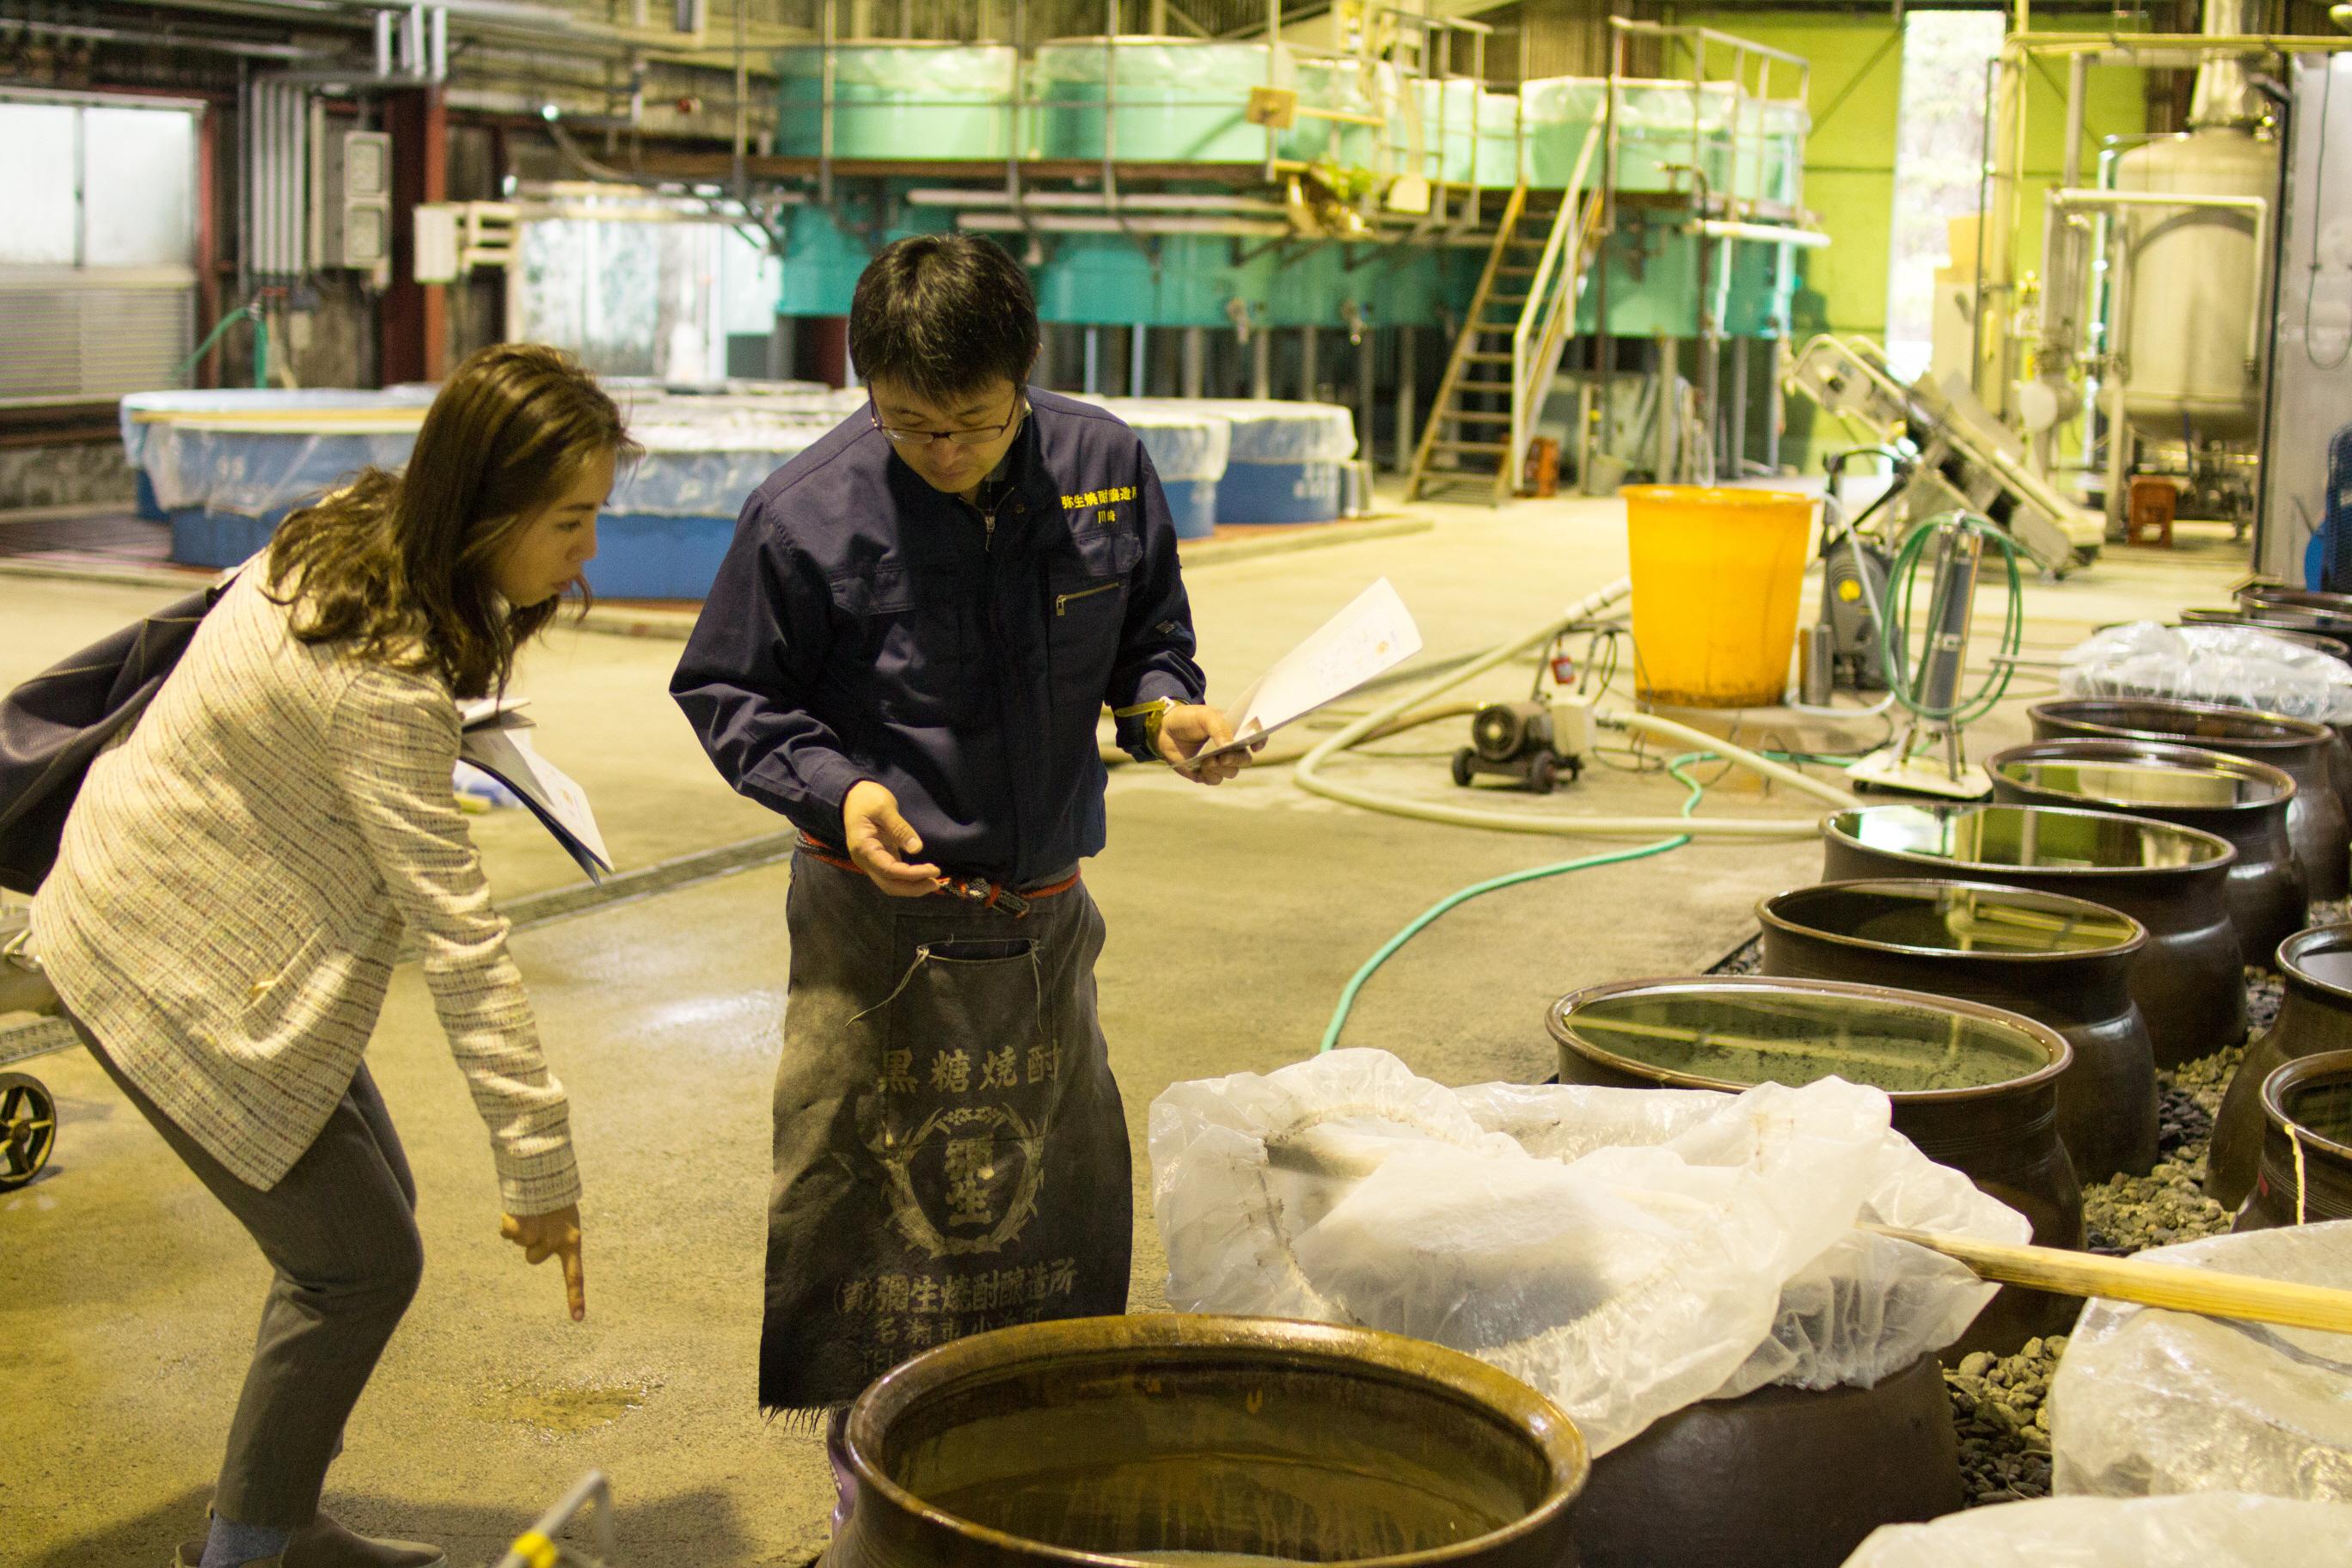 弥生焼酎醸造所の若旦那川崎さんに取材